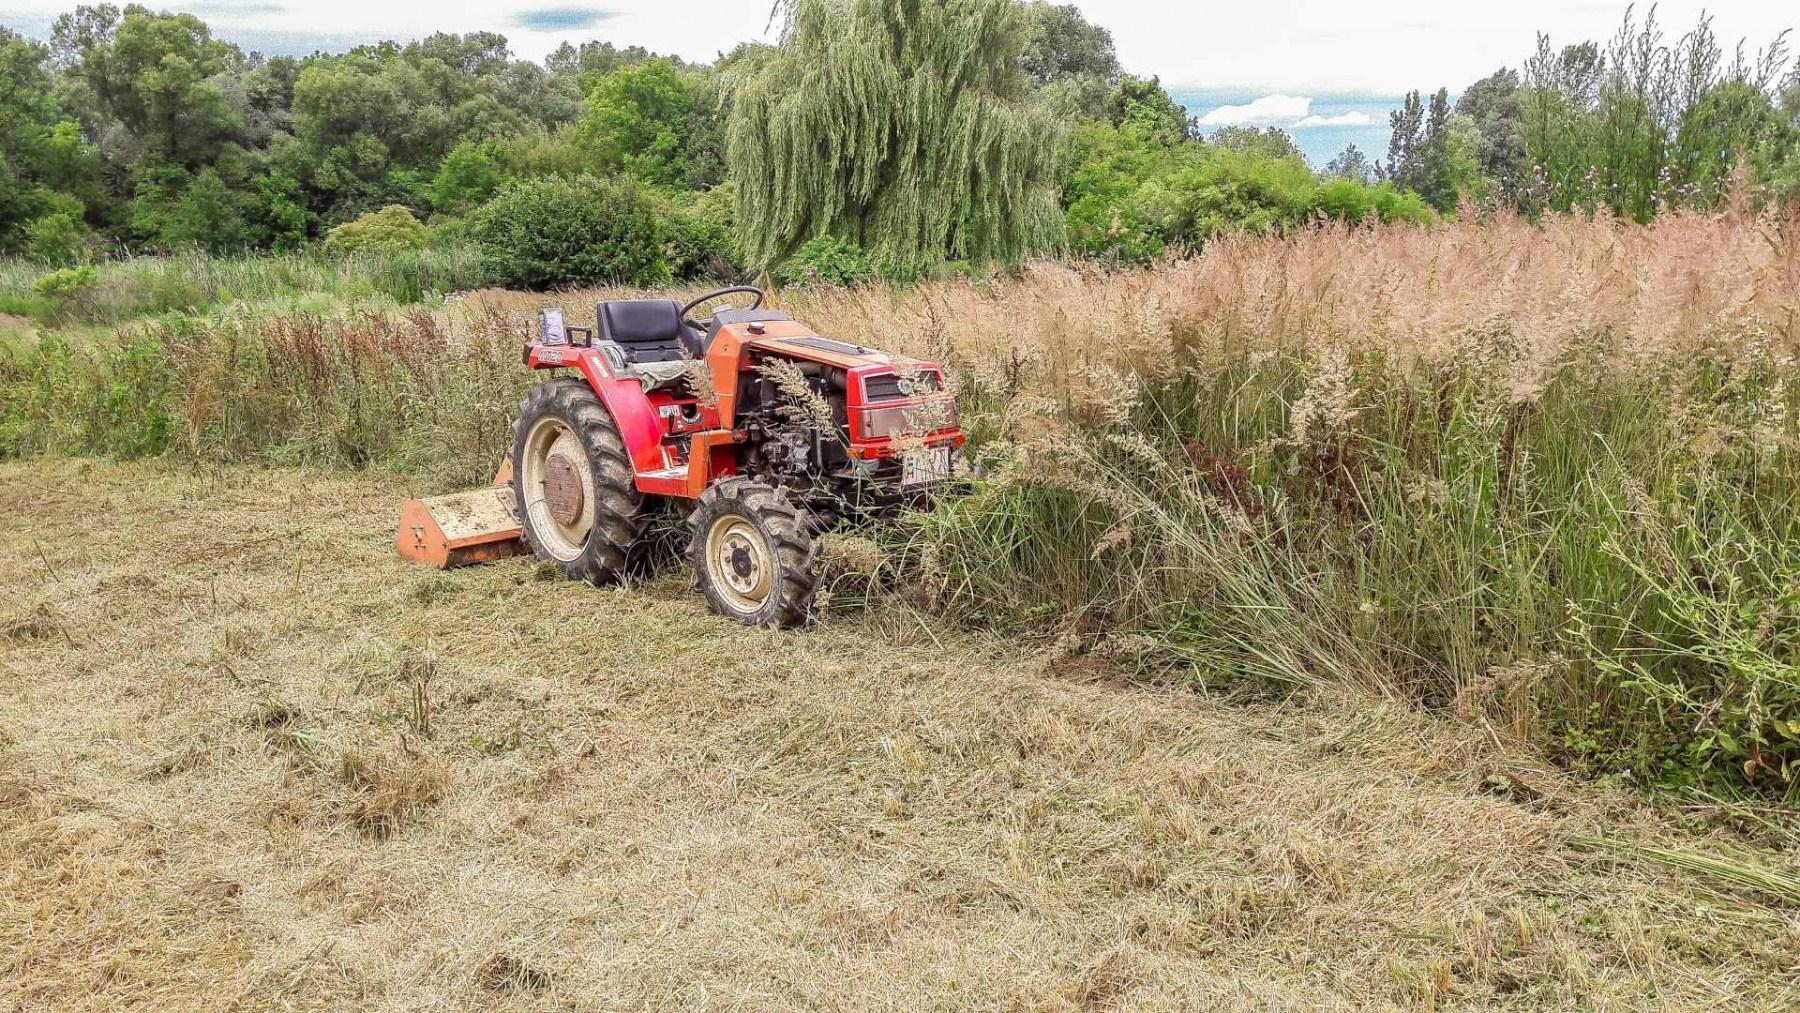 Szárzúzó használatával, gyorsan és hatékonyan tiszta terület varázsolható az elhanyagolt területekből